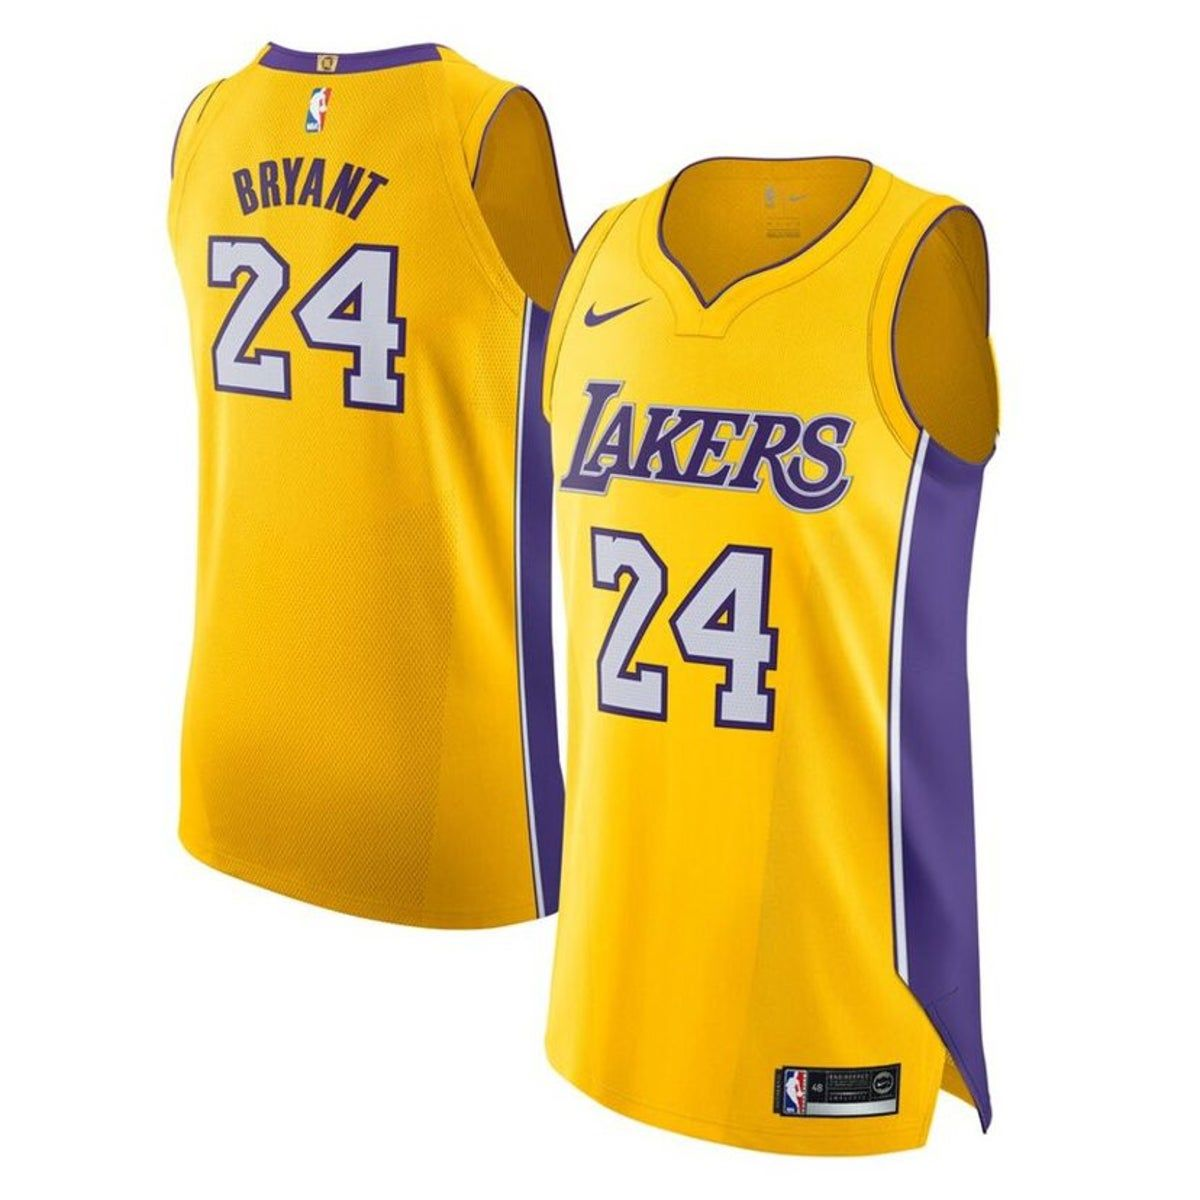 kobe bryant jersey | Kobe bryant, Lakers kobe bryant, Kobe bryant 24